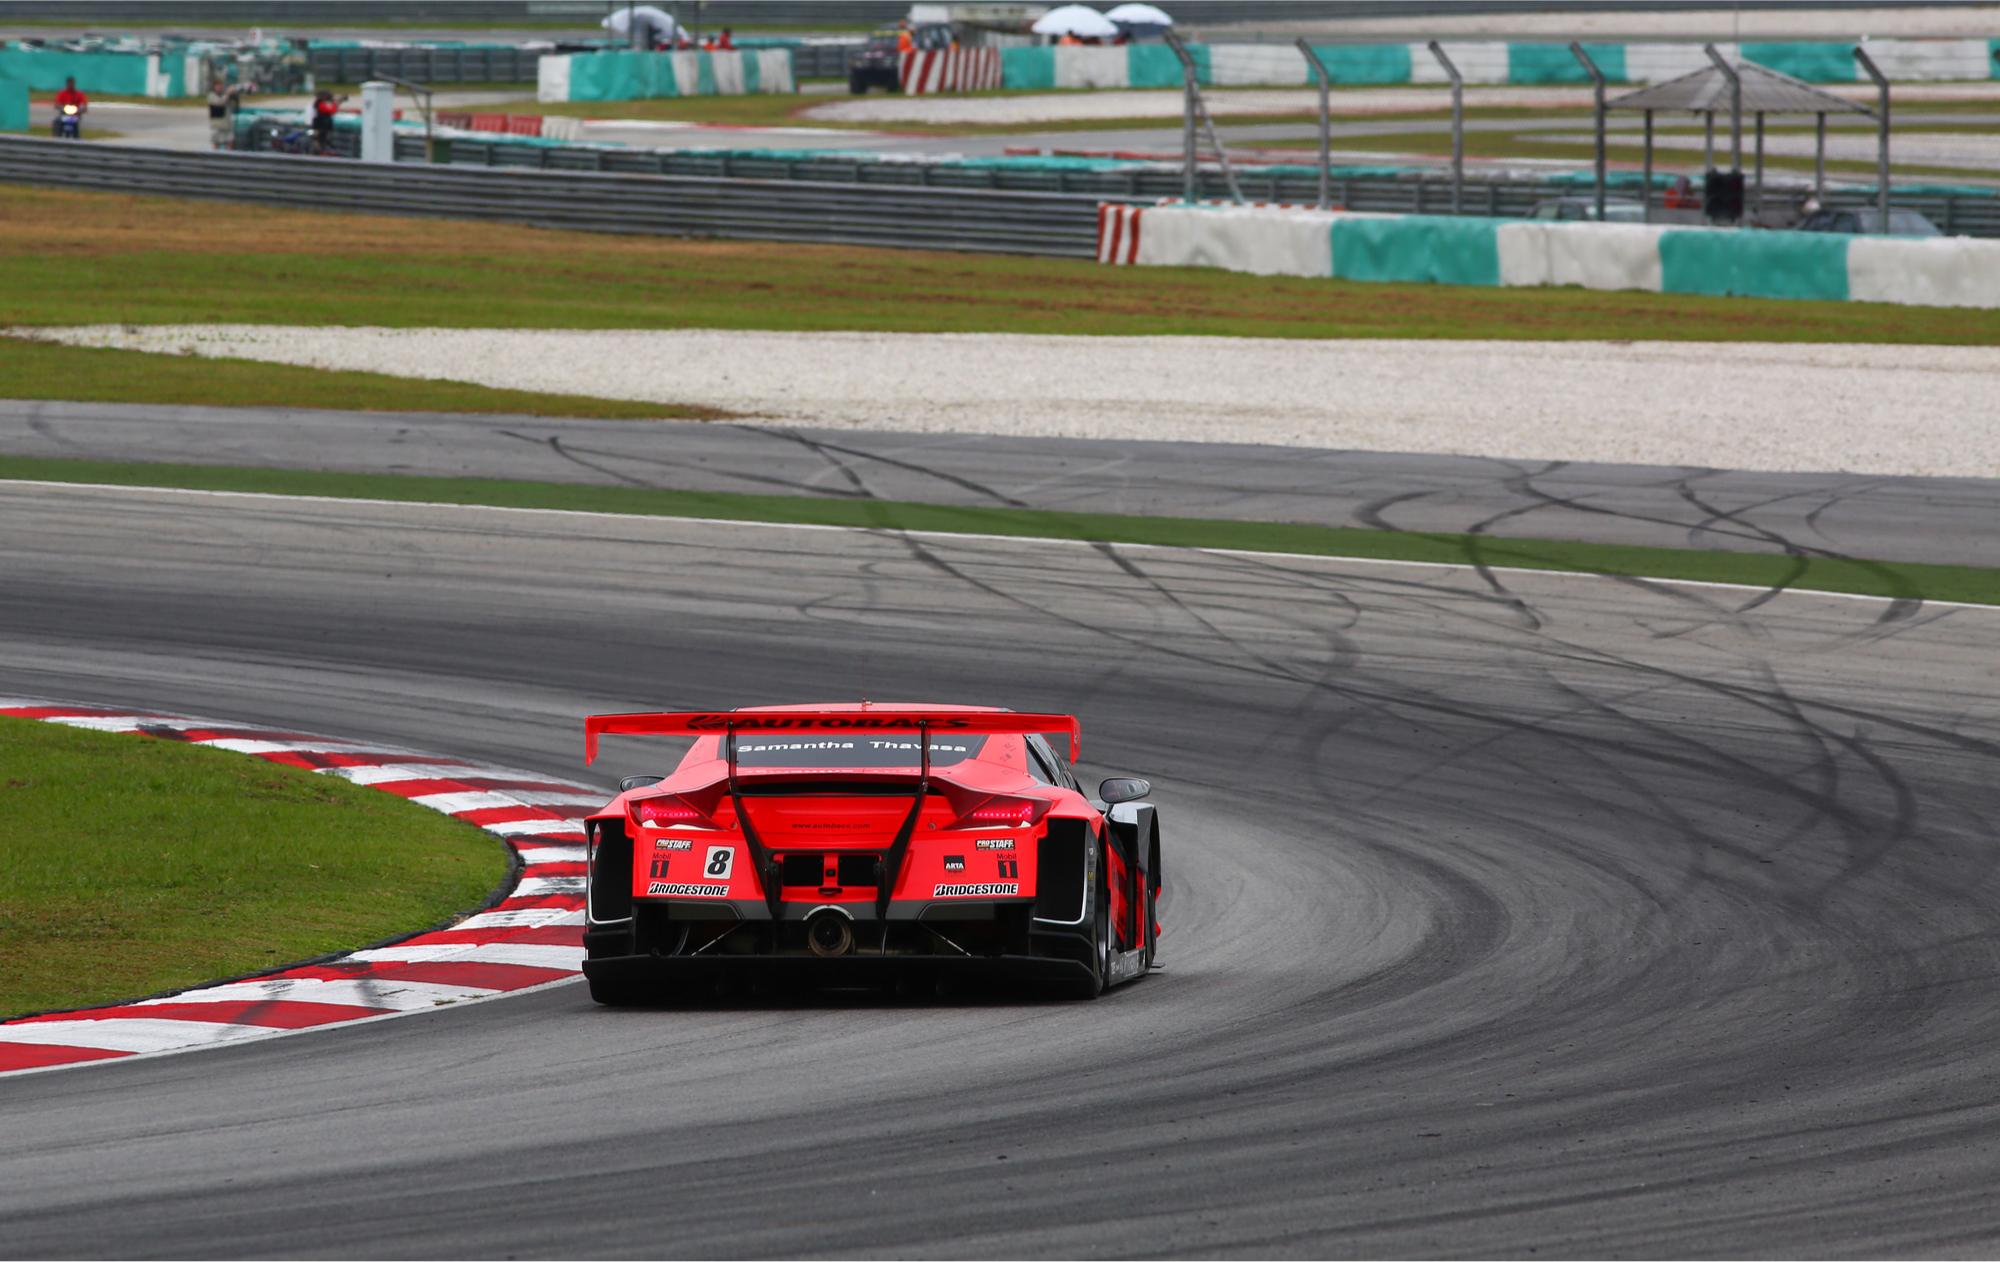 Racing car taking a tight turn